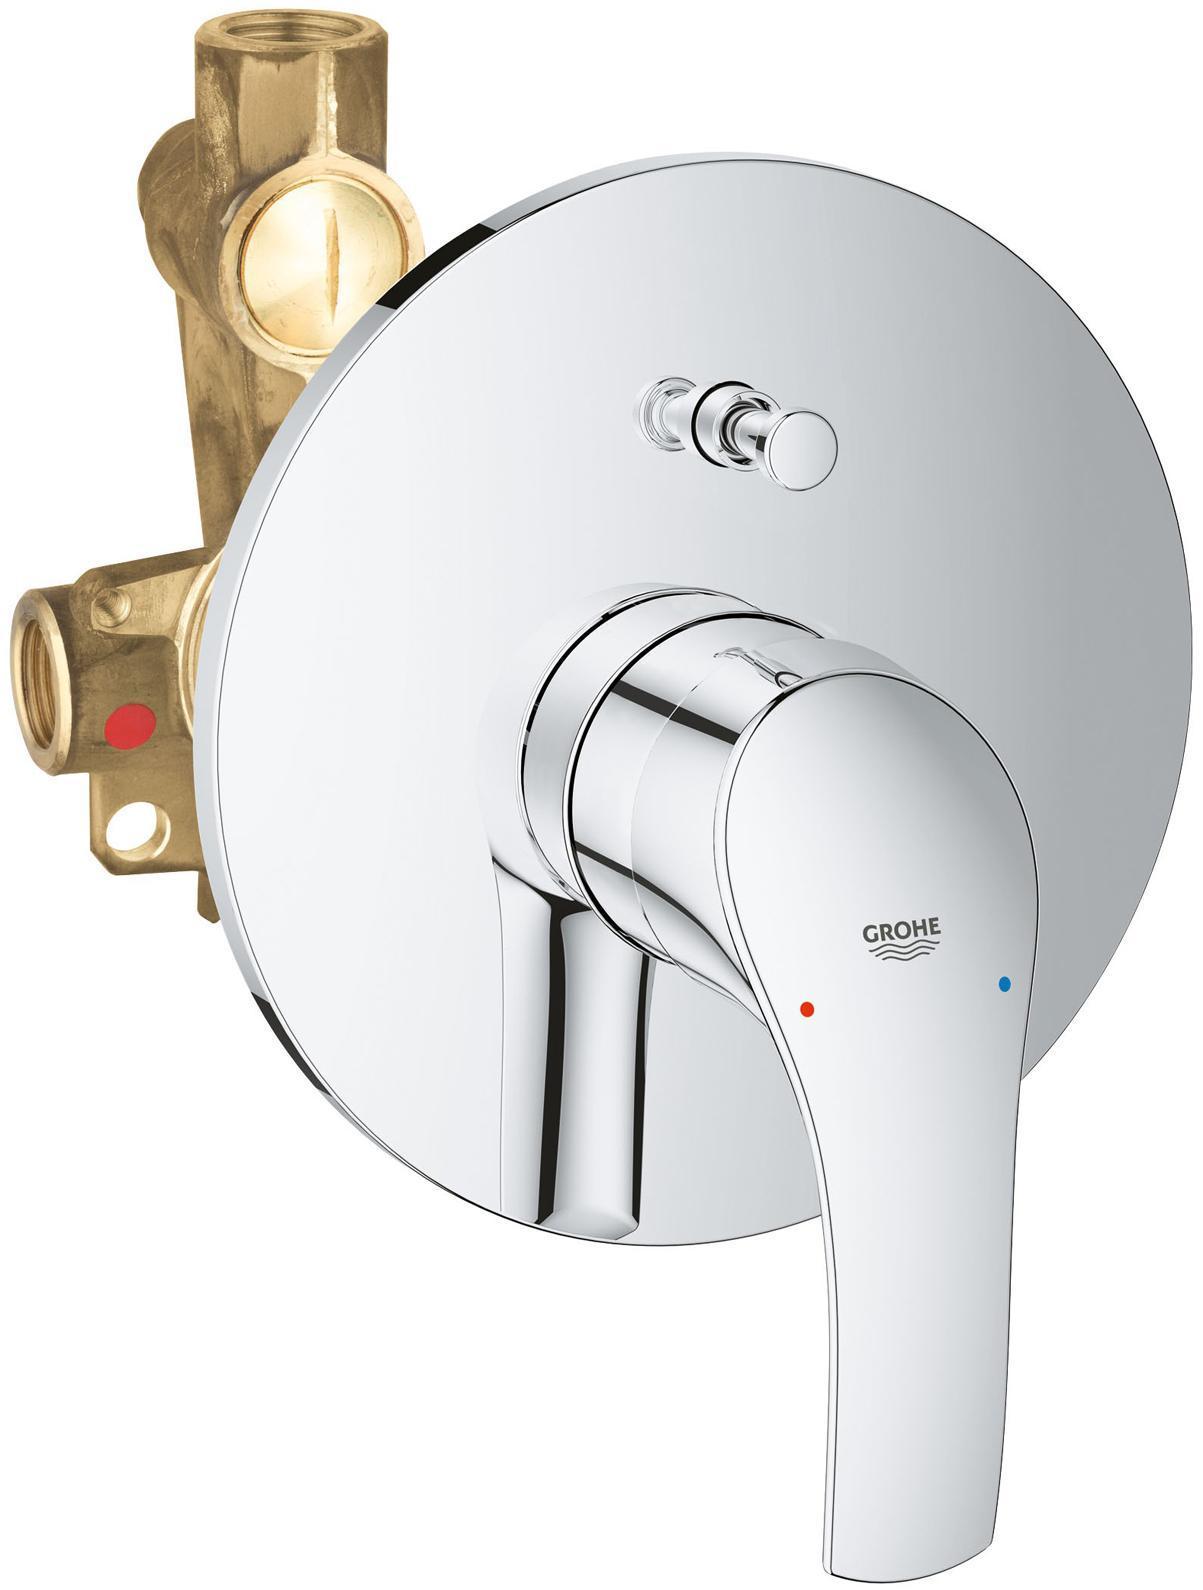 Смеситель для ванны GROHE Eurosmart New встраиваемый (со встроенным механизмом), хром  смеситель для душа grohe eurosmart new встраиваемый со встроенным механизмом хром